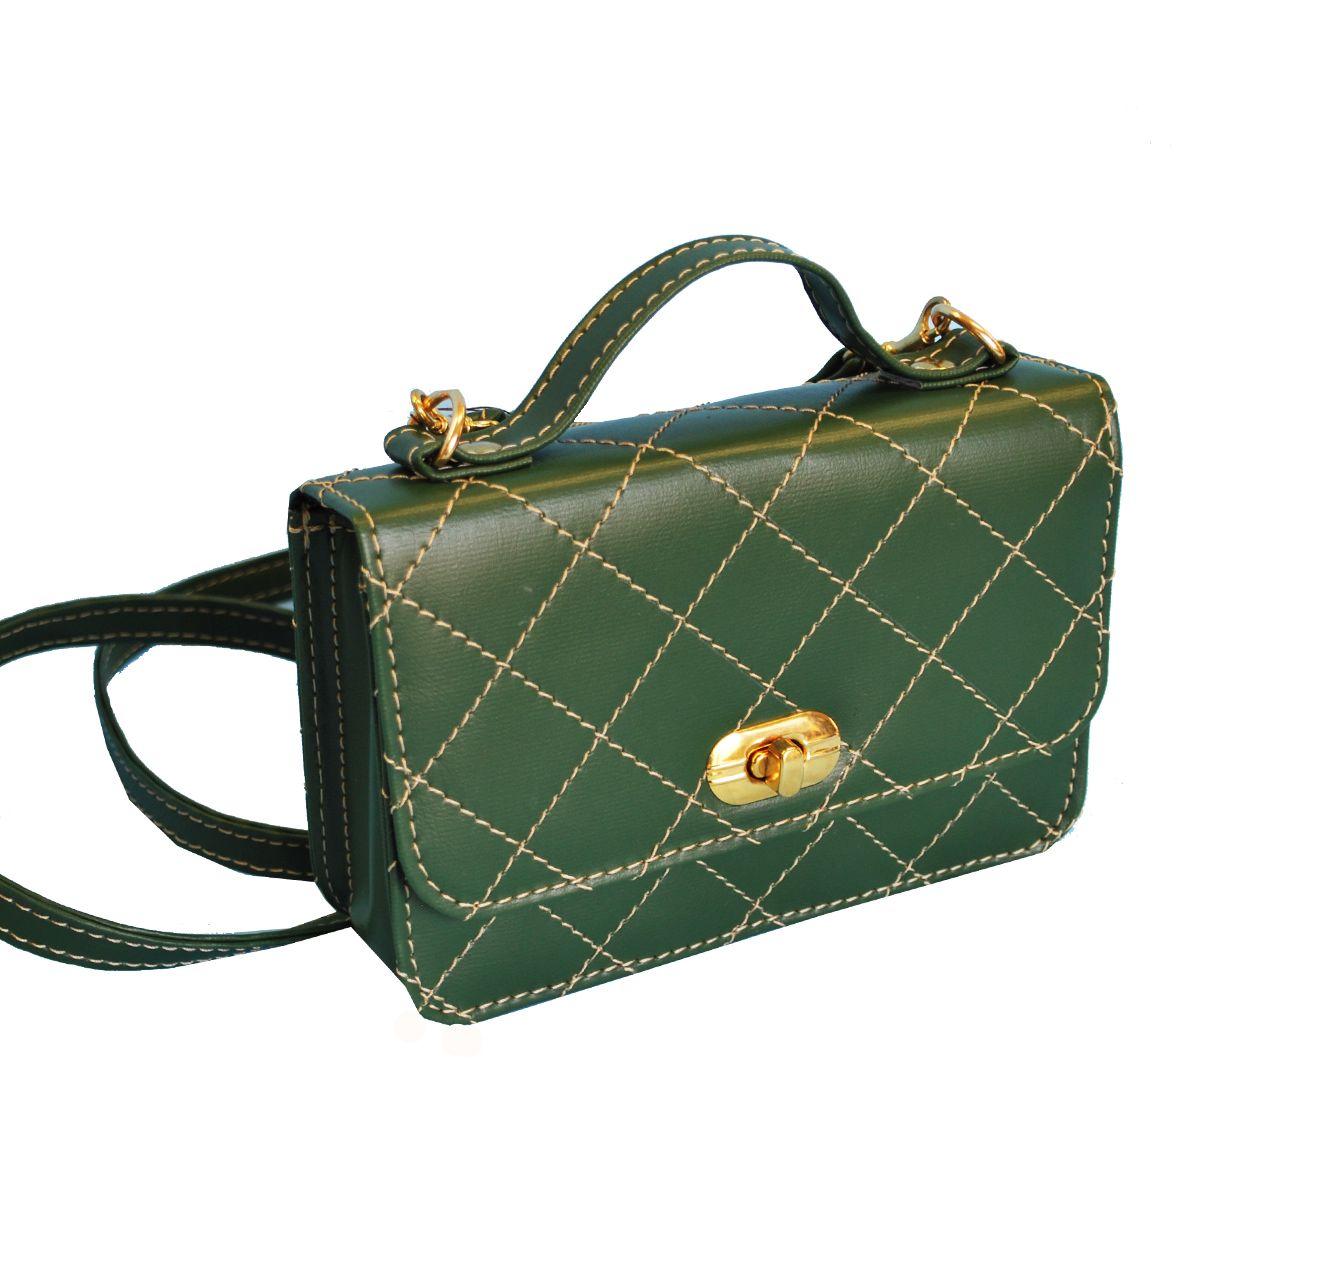 Luxusná dámska kabelka crossbody 8679 v zelenej farbe  2e2676f6746